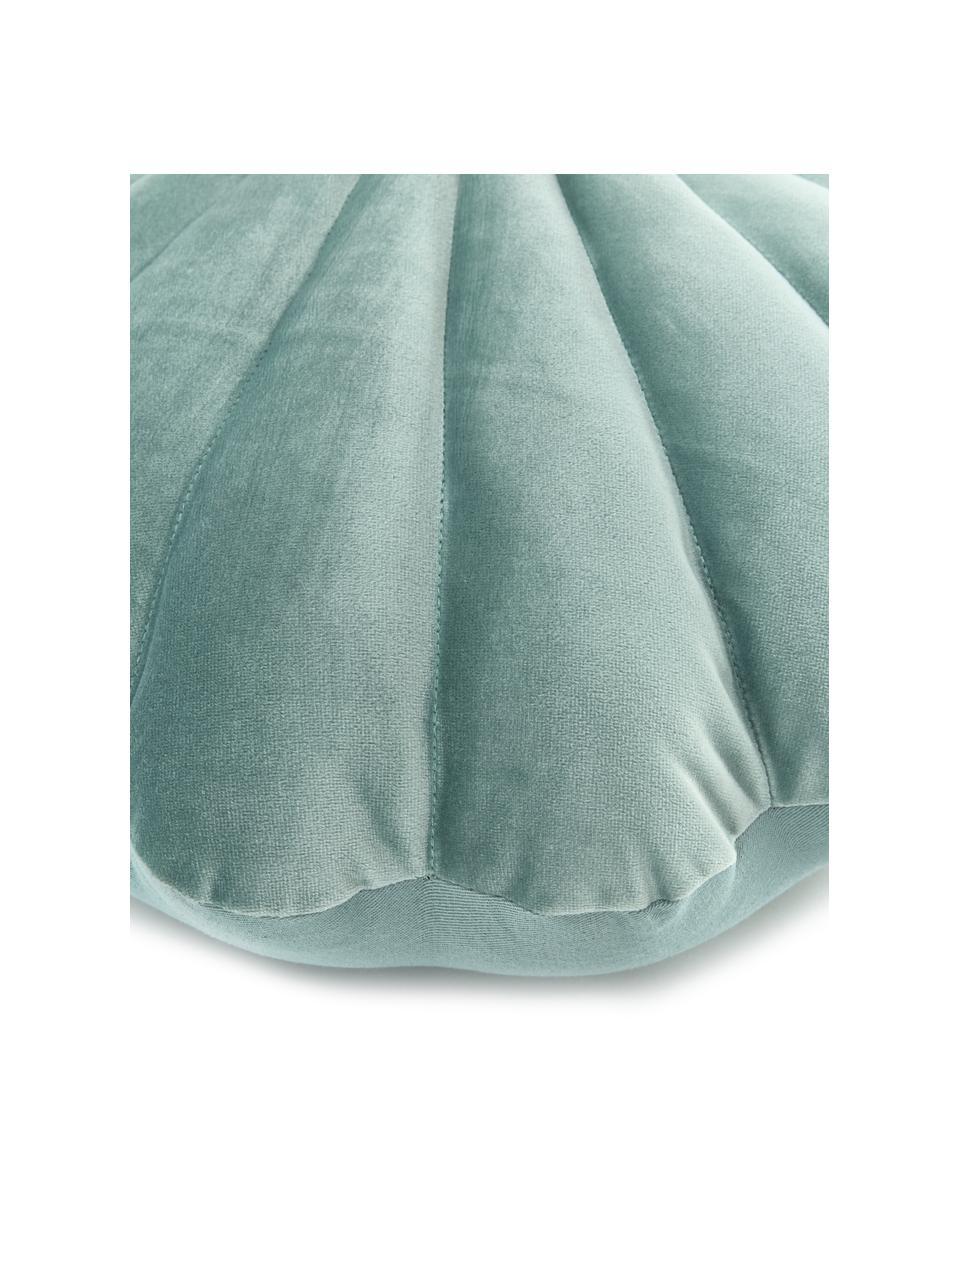 Samt-Kissen Shell in Muschelform, Vorderseite: 100% Polyestersamt, Rückseite: 100% Baumwolle, Grün, 30 x 28 cm